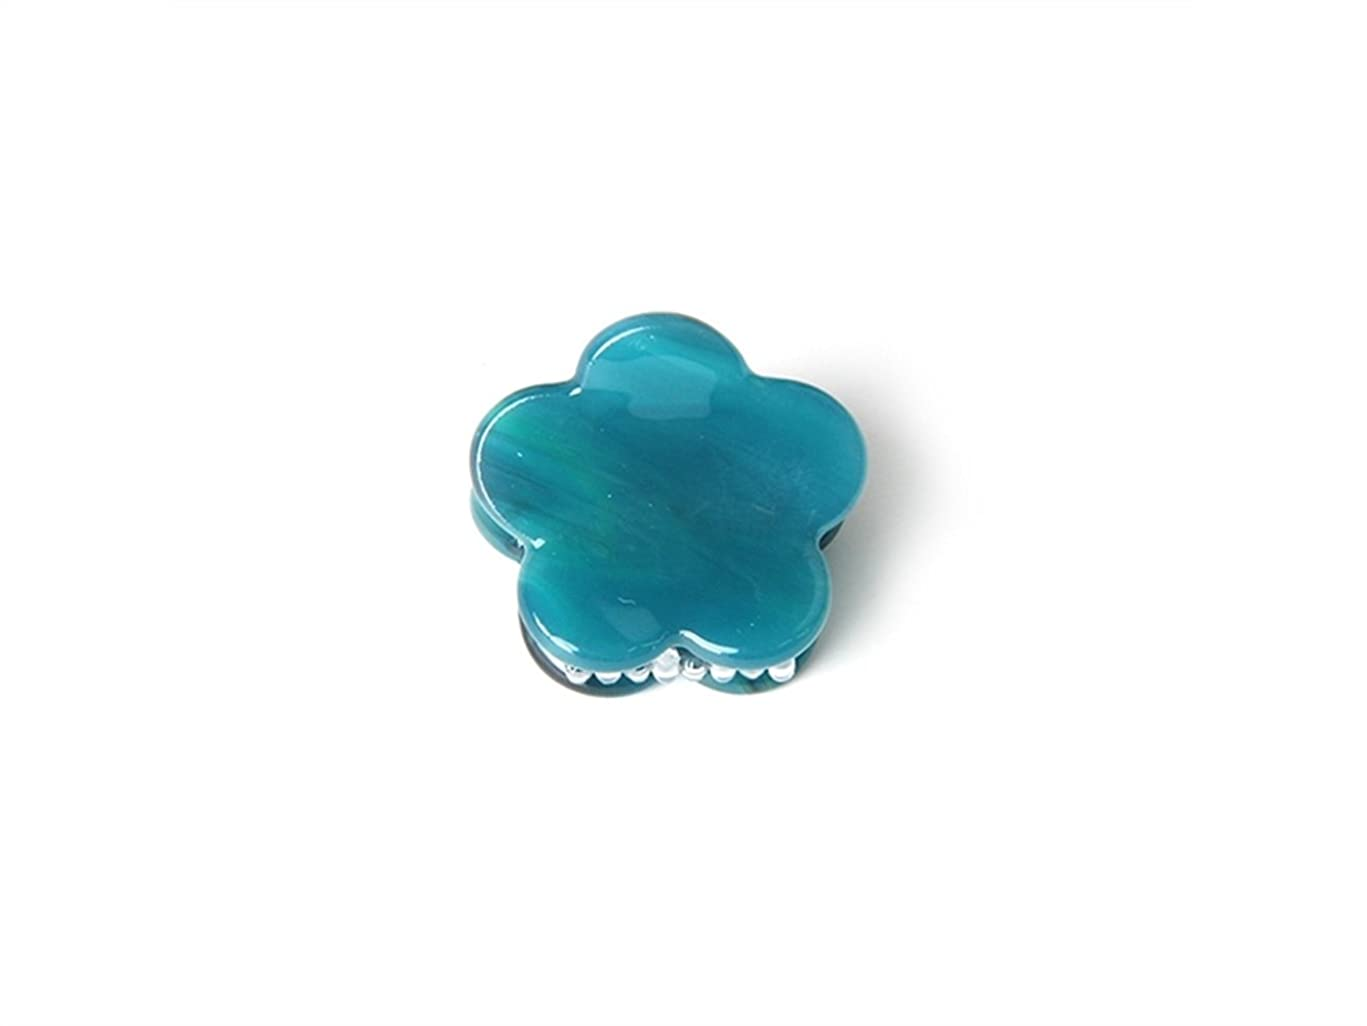 安息修復ユダヤ人Osize 美しいスタイル シンプルなフラワースクエアラウンド型の爪クリップミニジョークリップ(緑の花の形)